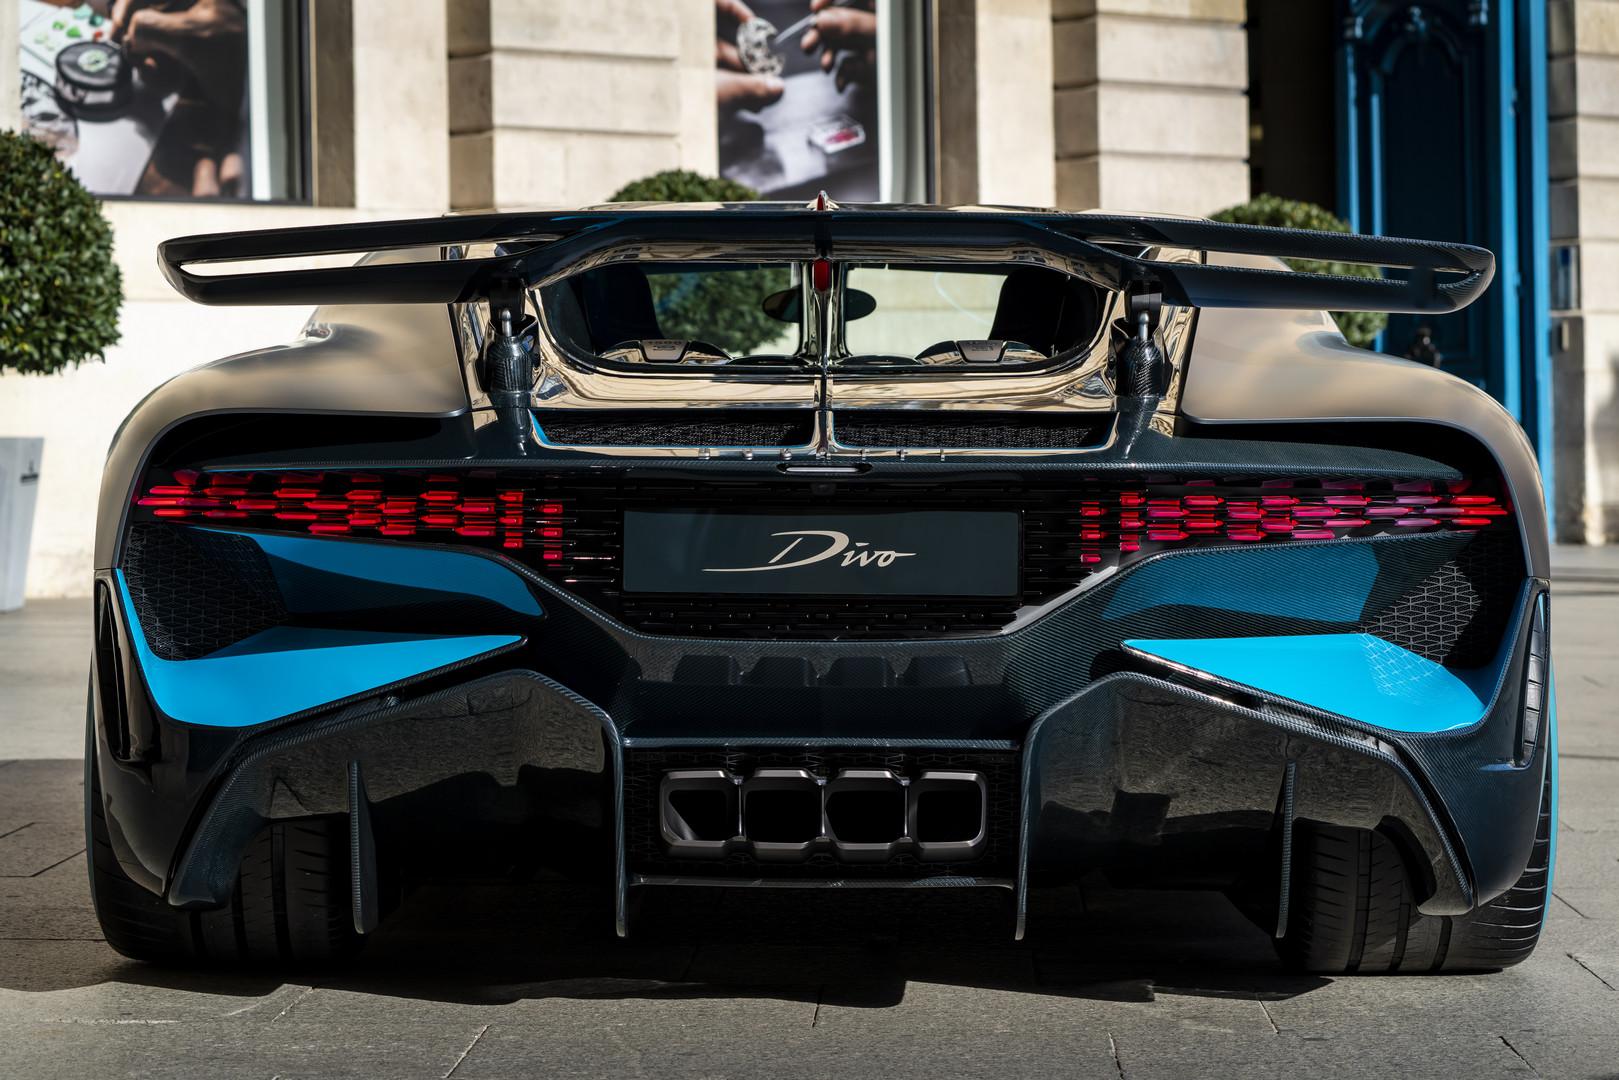 Bugatti Divo Rear View